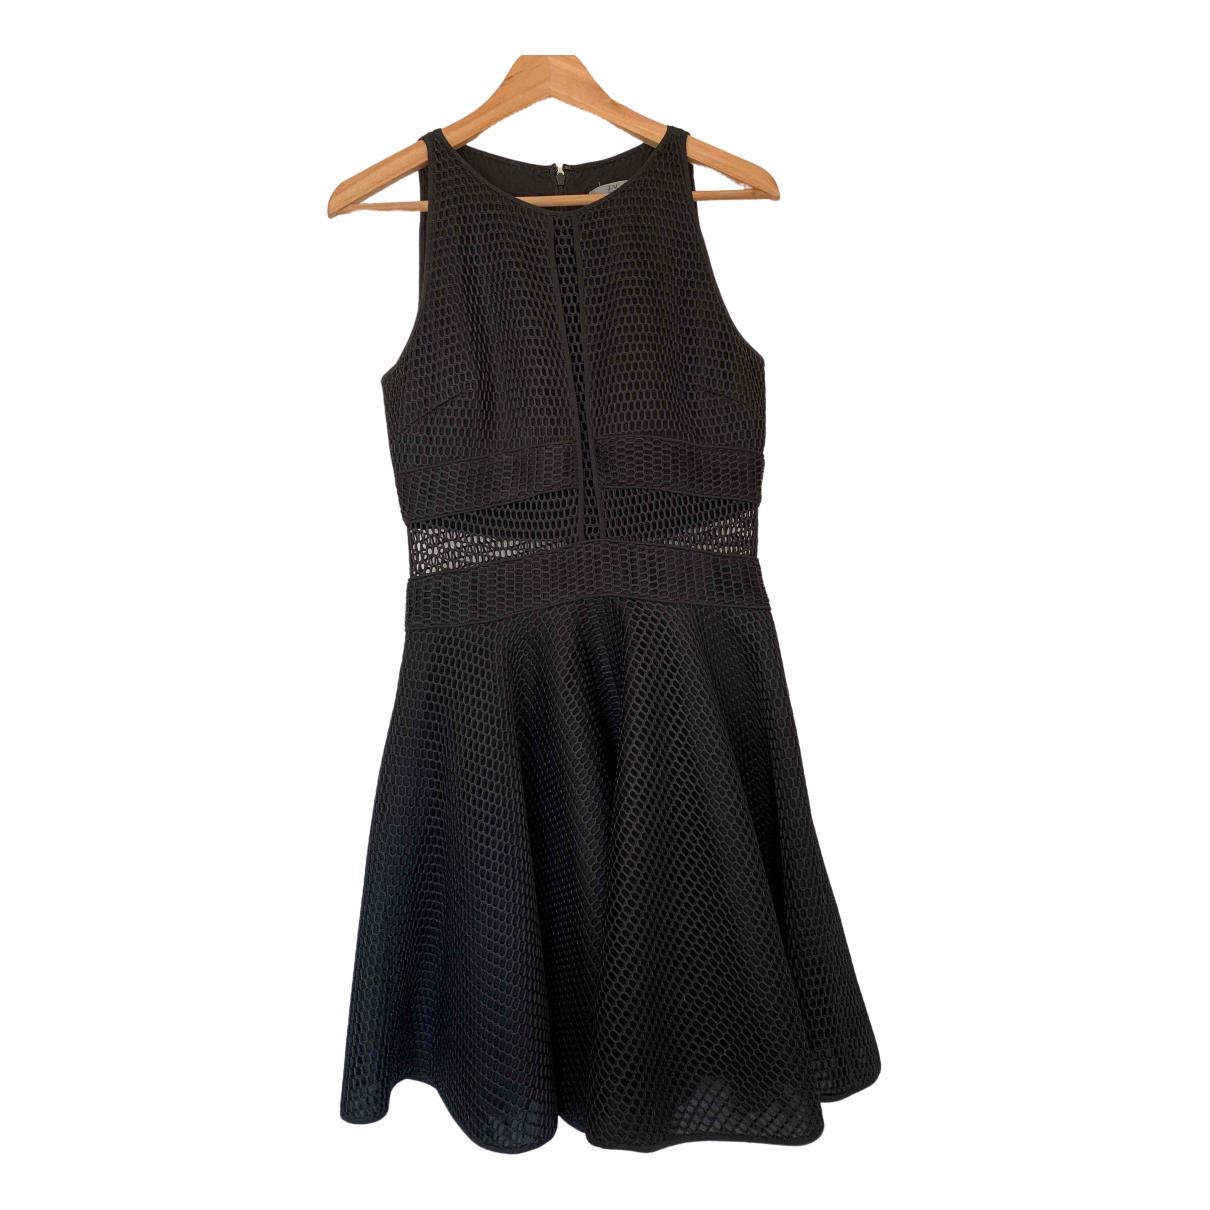 Zac Posen \N Kleid in  Schwarz Polyester